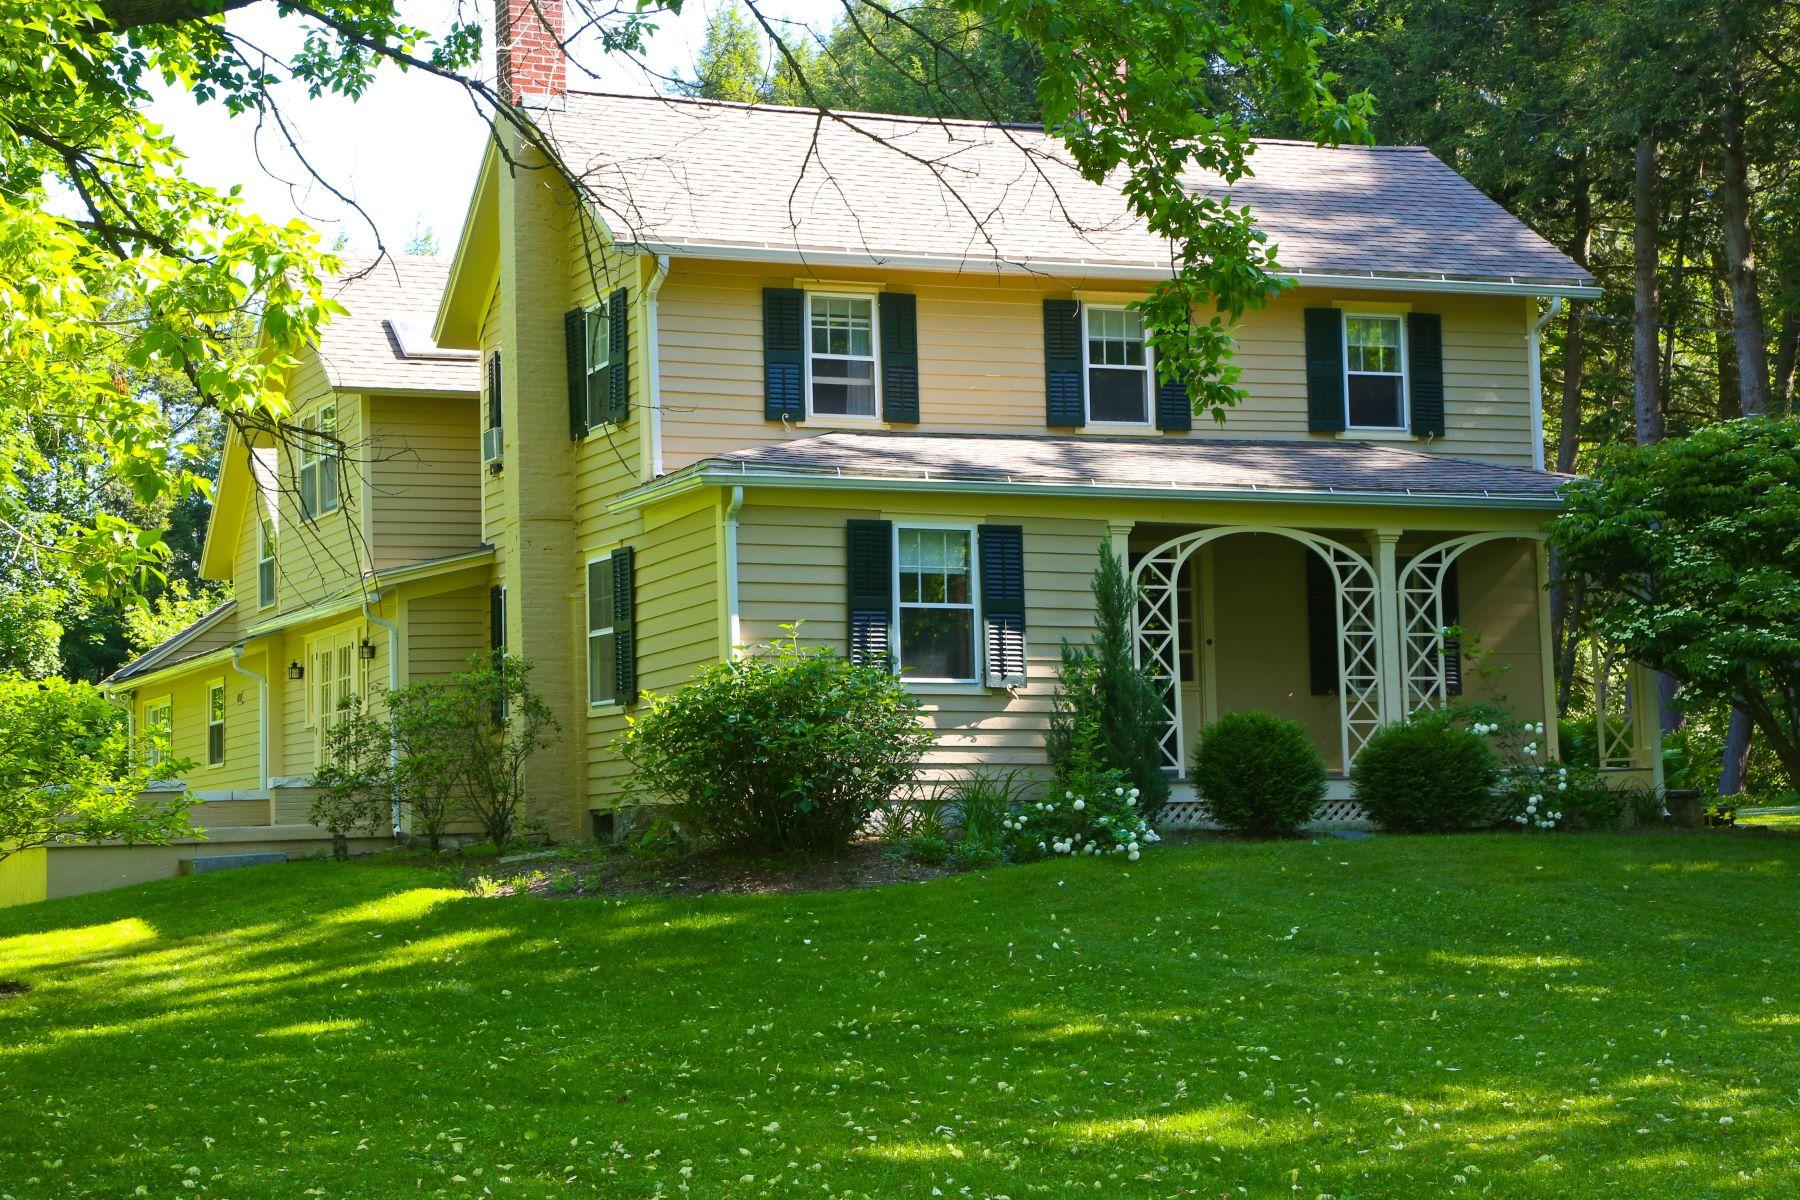 Single Family Home for Sale at Golfer's Paradise 1 Main St Stockbridge, Massachusetts 01262 United States